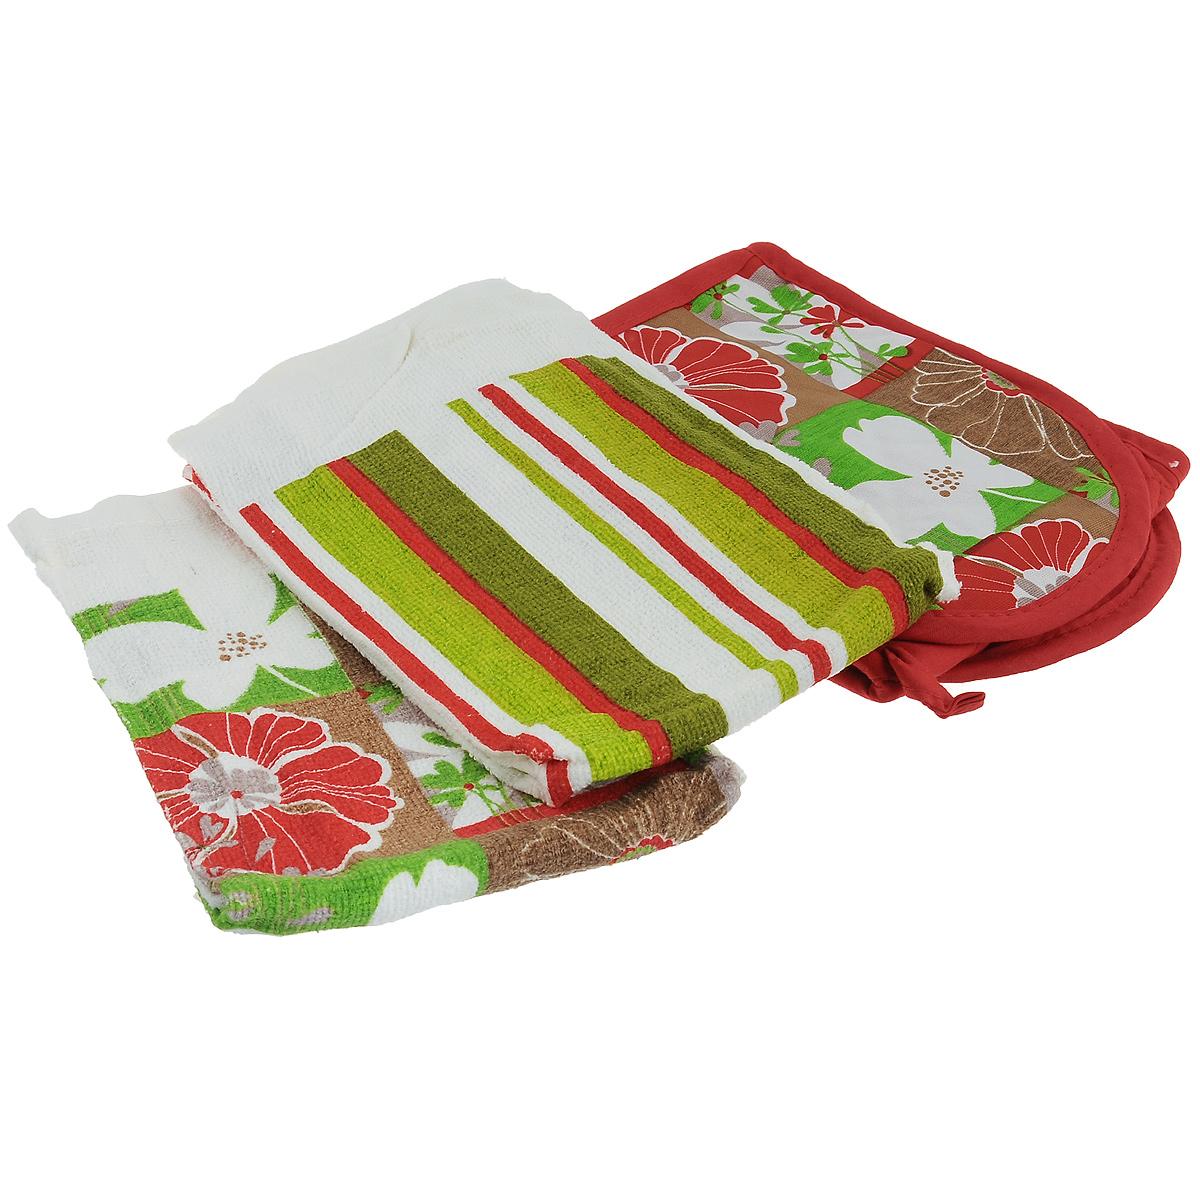 Набор для кухни Primavelle Цветы, 3 предмета49328584-f25Набор для кухни Primavelle Цветы состоит из двойной прихватки и двух полотенец. Предметы набора изготовлены из натурального хлопка и оформлены ярким цветочным изображением. Полотенца подарят вам мягкость и необыкновенный комфорт в использовании. Они идеально впитывают влагу и сохраняют свою необычайную мягкость даже после многих стирок. Стеганая двойная прихватка снабжена кармашками для рук и петелькой для удобного подвешивания на крючок. Такой комплект украсит ваш интерьер или станет прекрасным подарком. Размер полотенец: 63 см х 38 см. Размер прихватки: 78,5 см х 16,3 см.